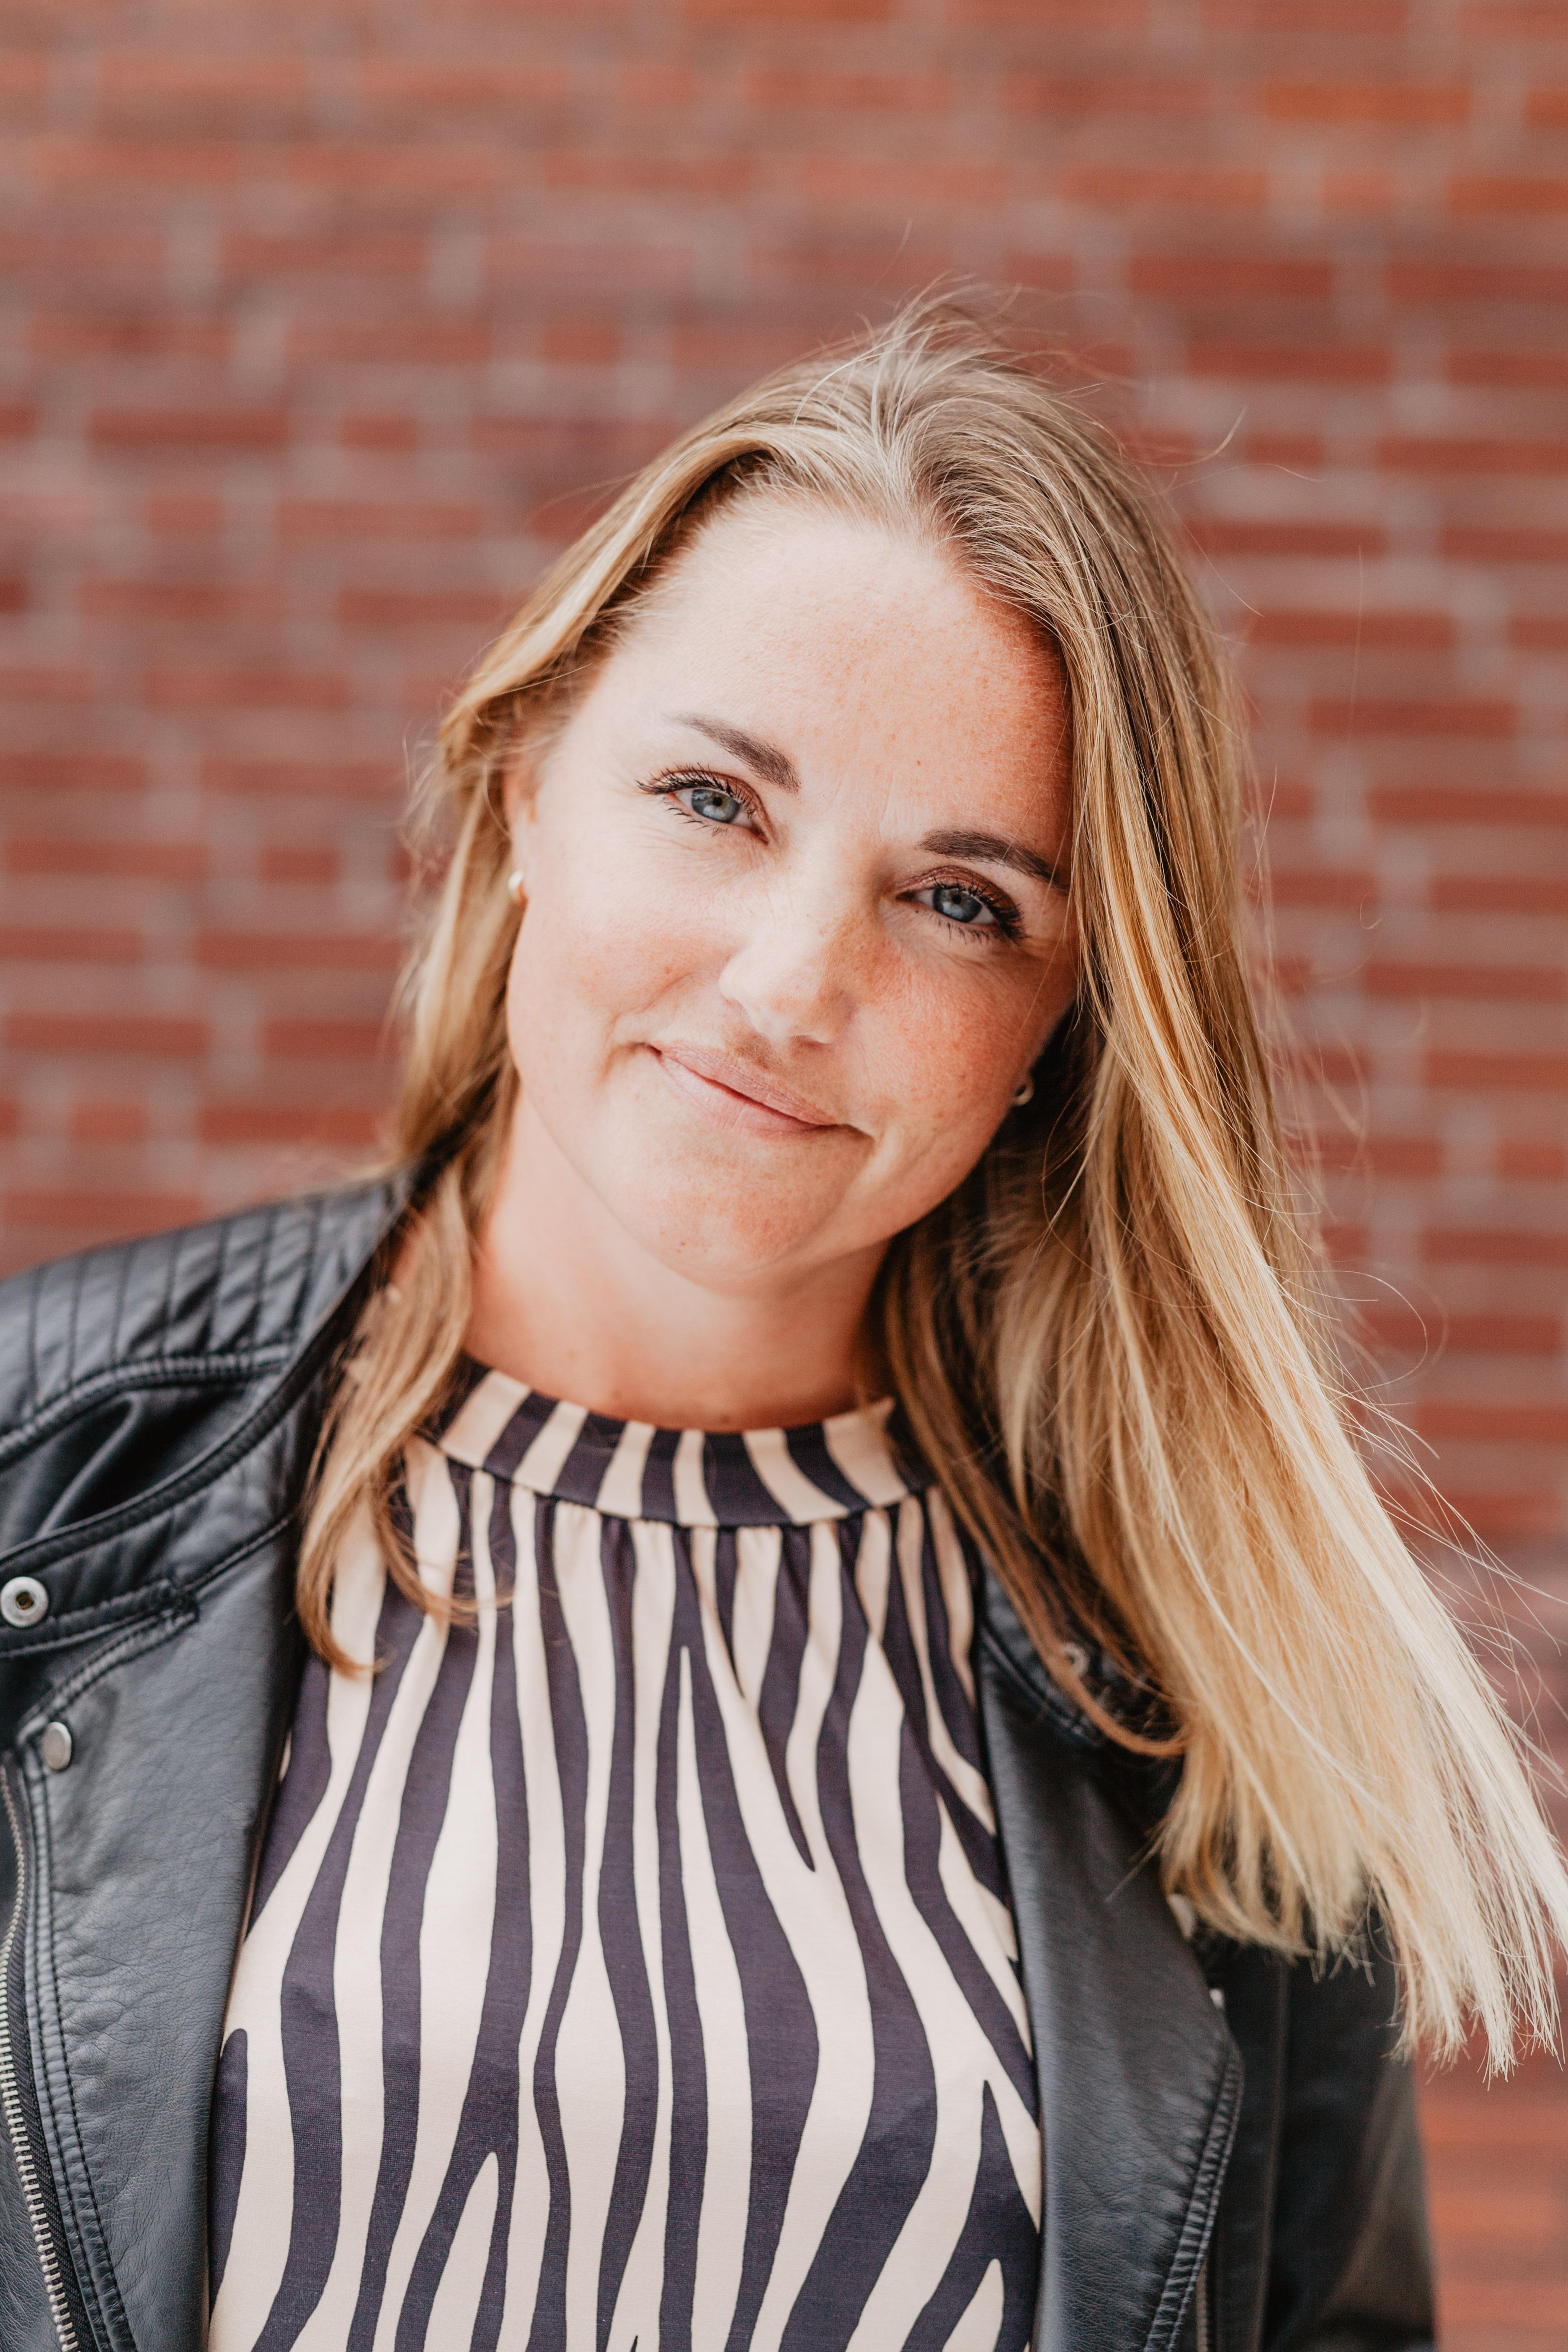 Ivette Caspers